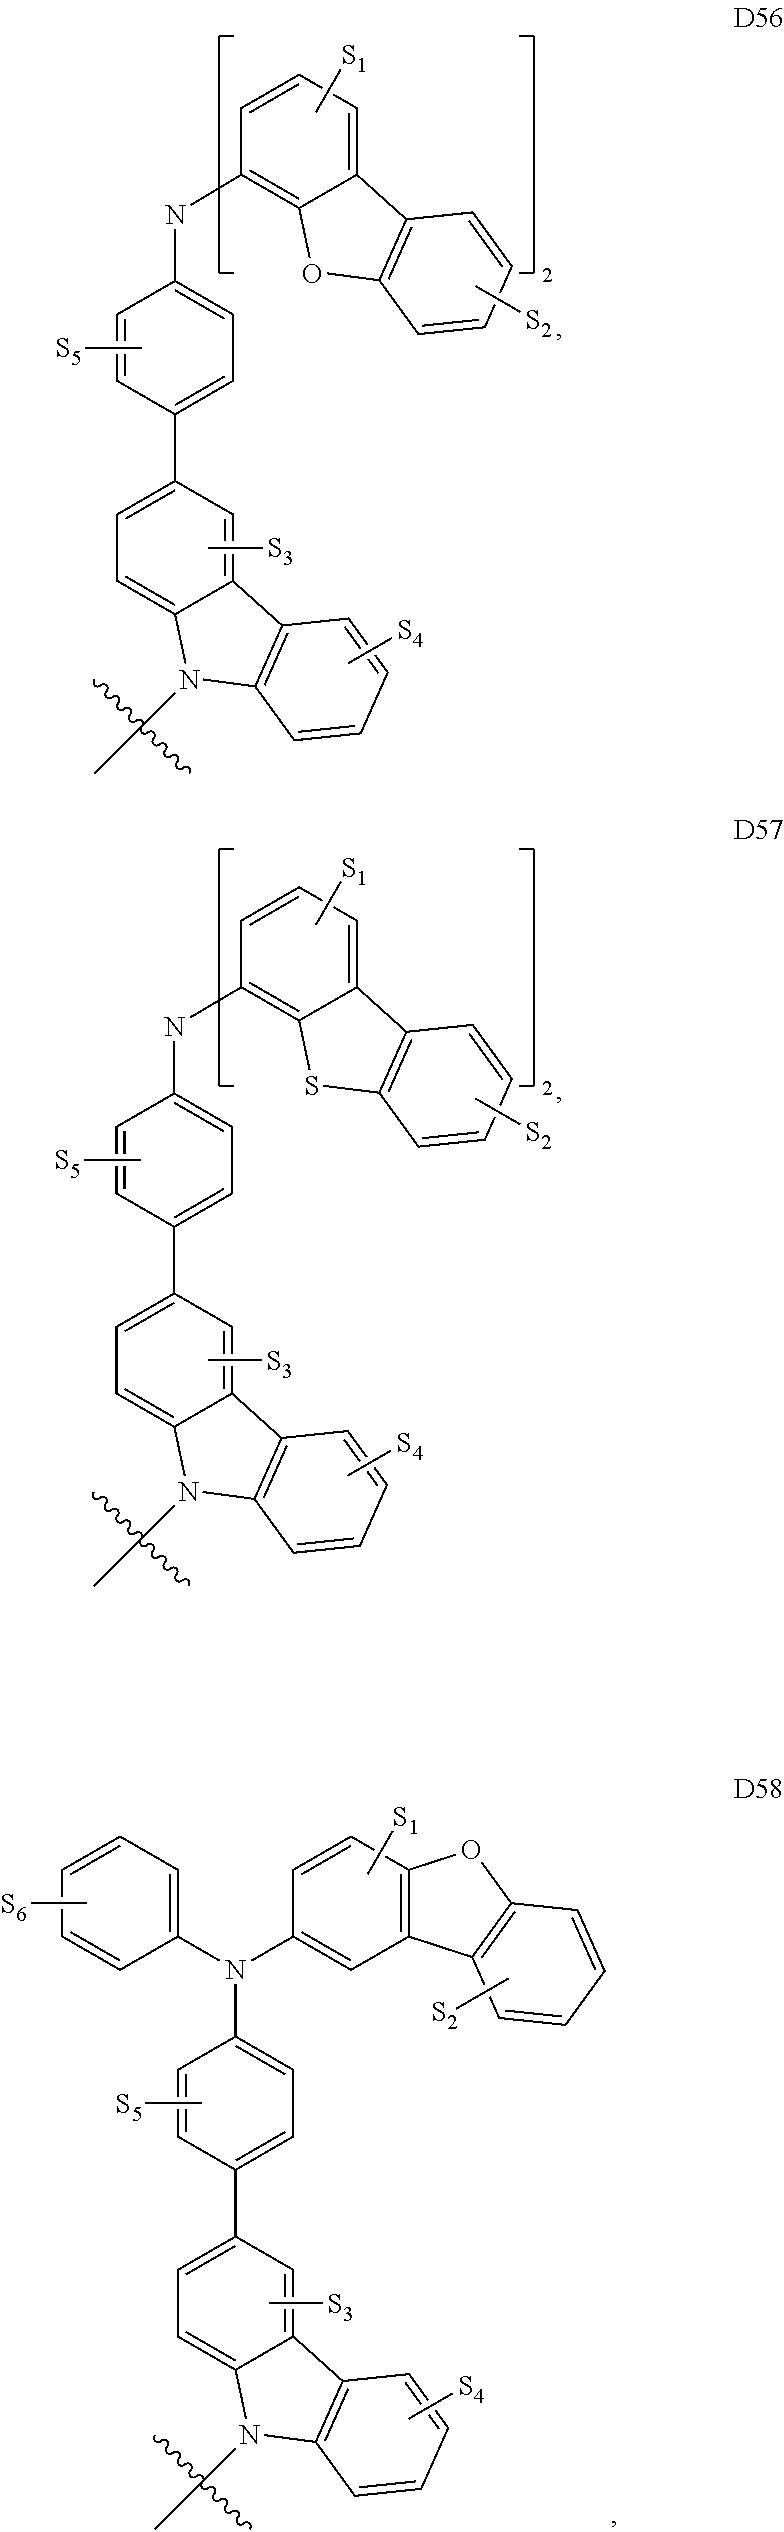 Figure US09324949-20160426-C00021